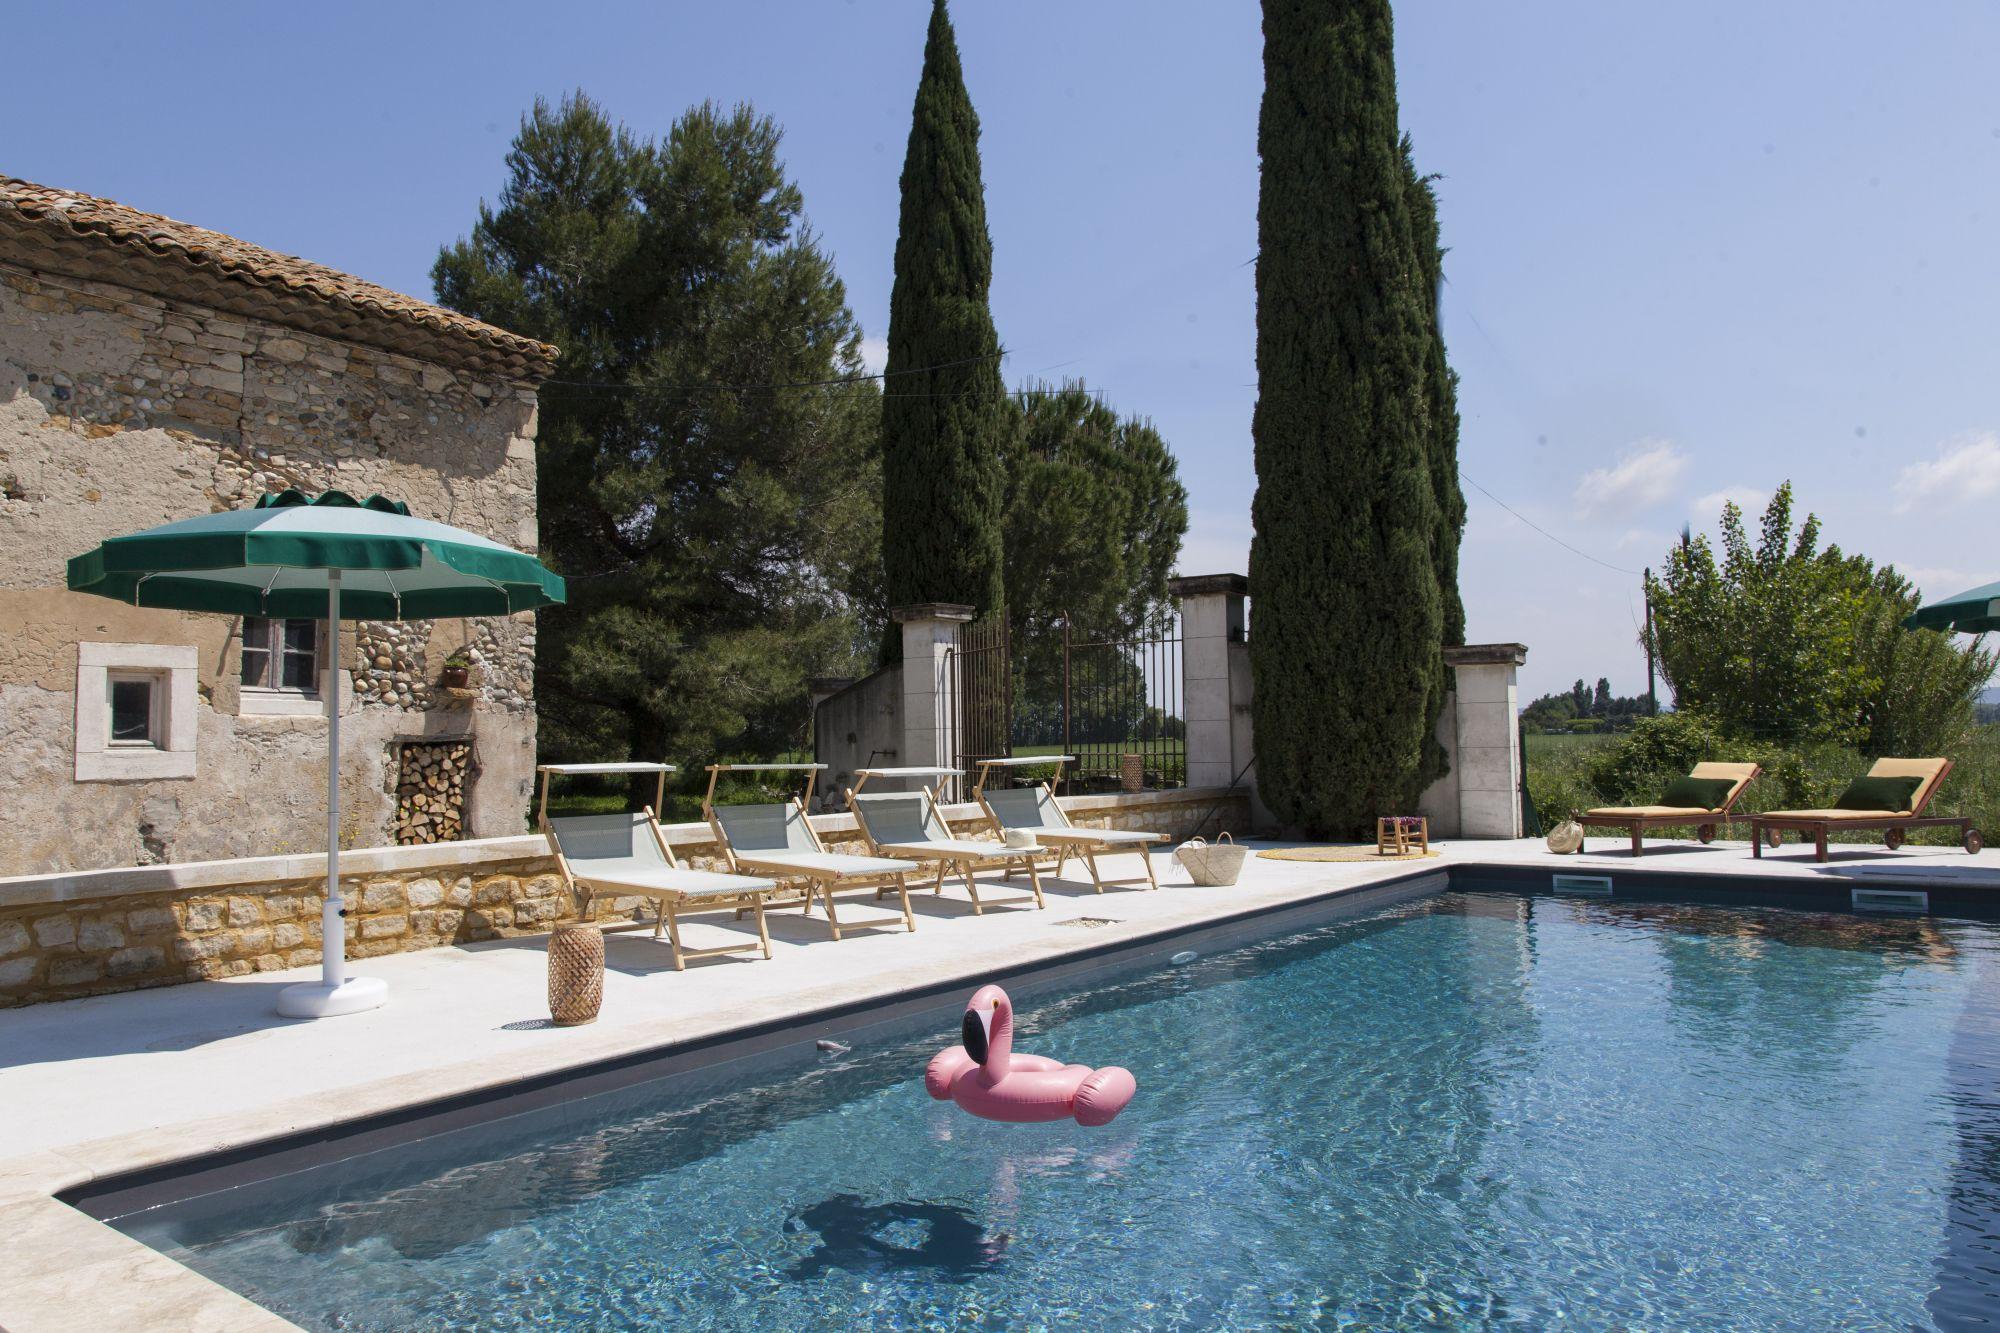 Construction Piscine Bagnols Sur Ceze eric piscines - piscine coque polyester et béton